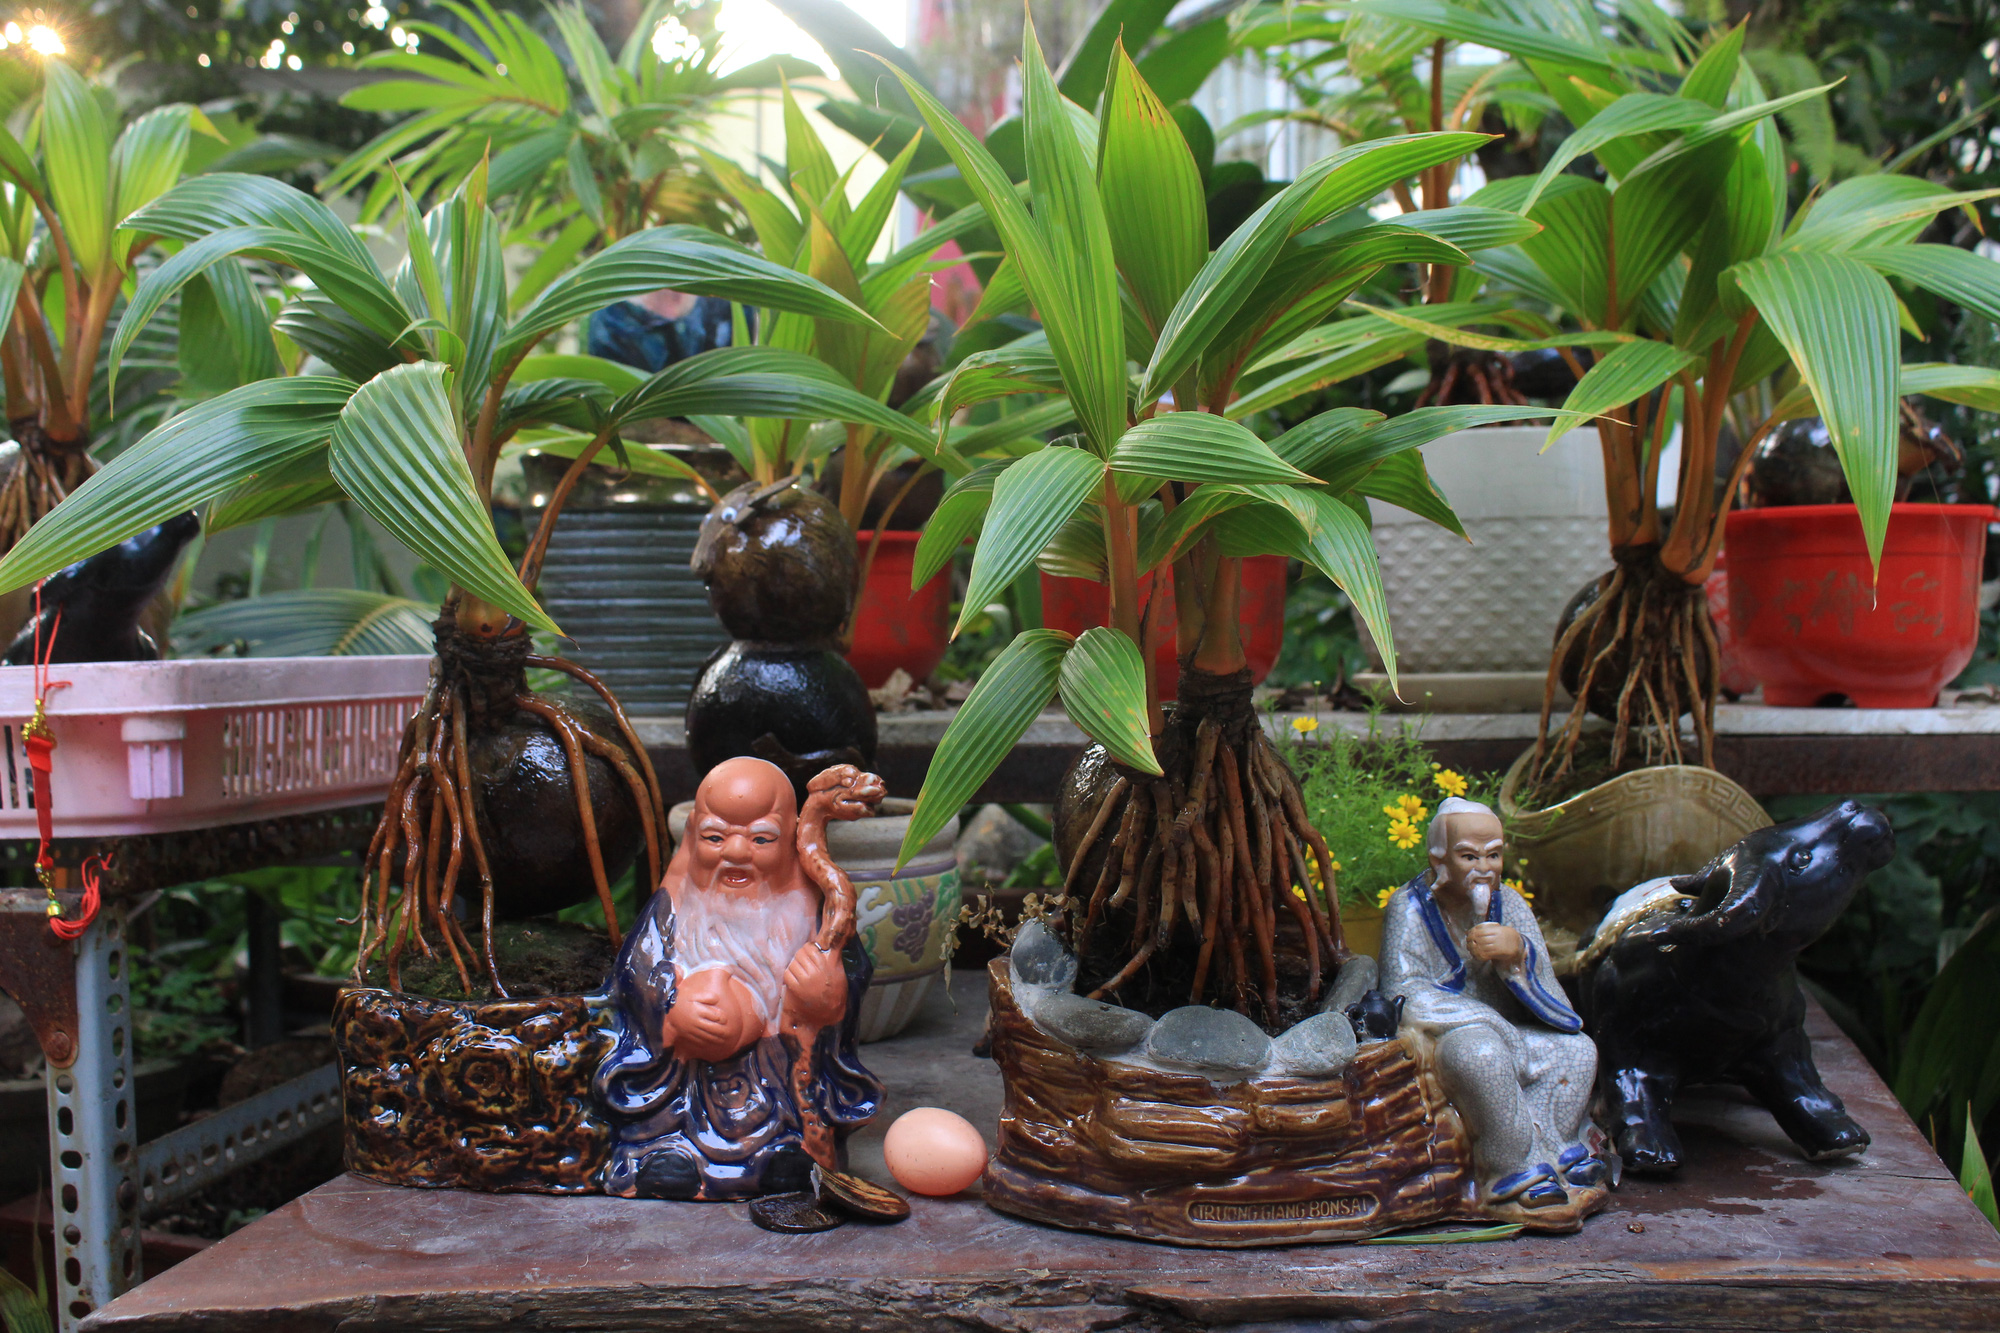 Độc đáo dừa khô bonsai hình trâu chơi Tết tiền triệu ở Sài Gòn - Ảnh 13.